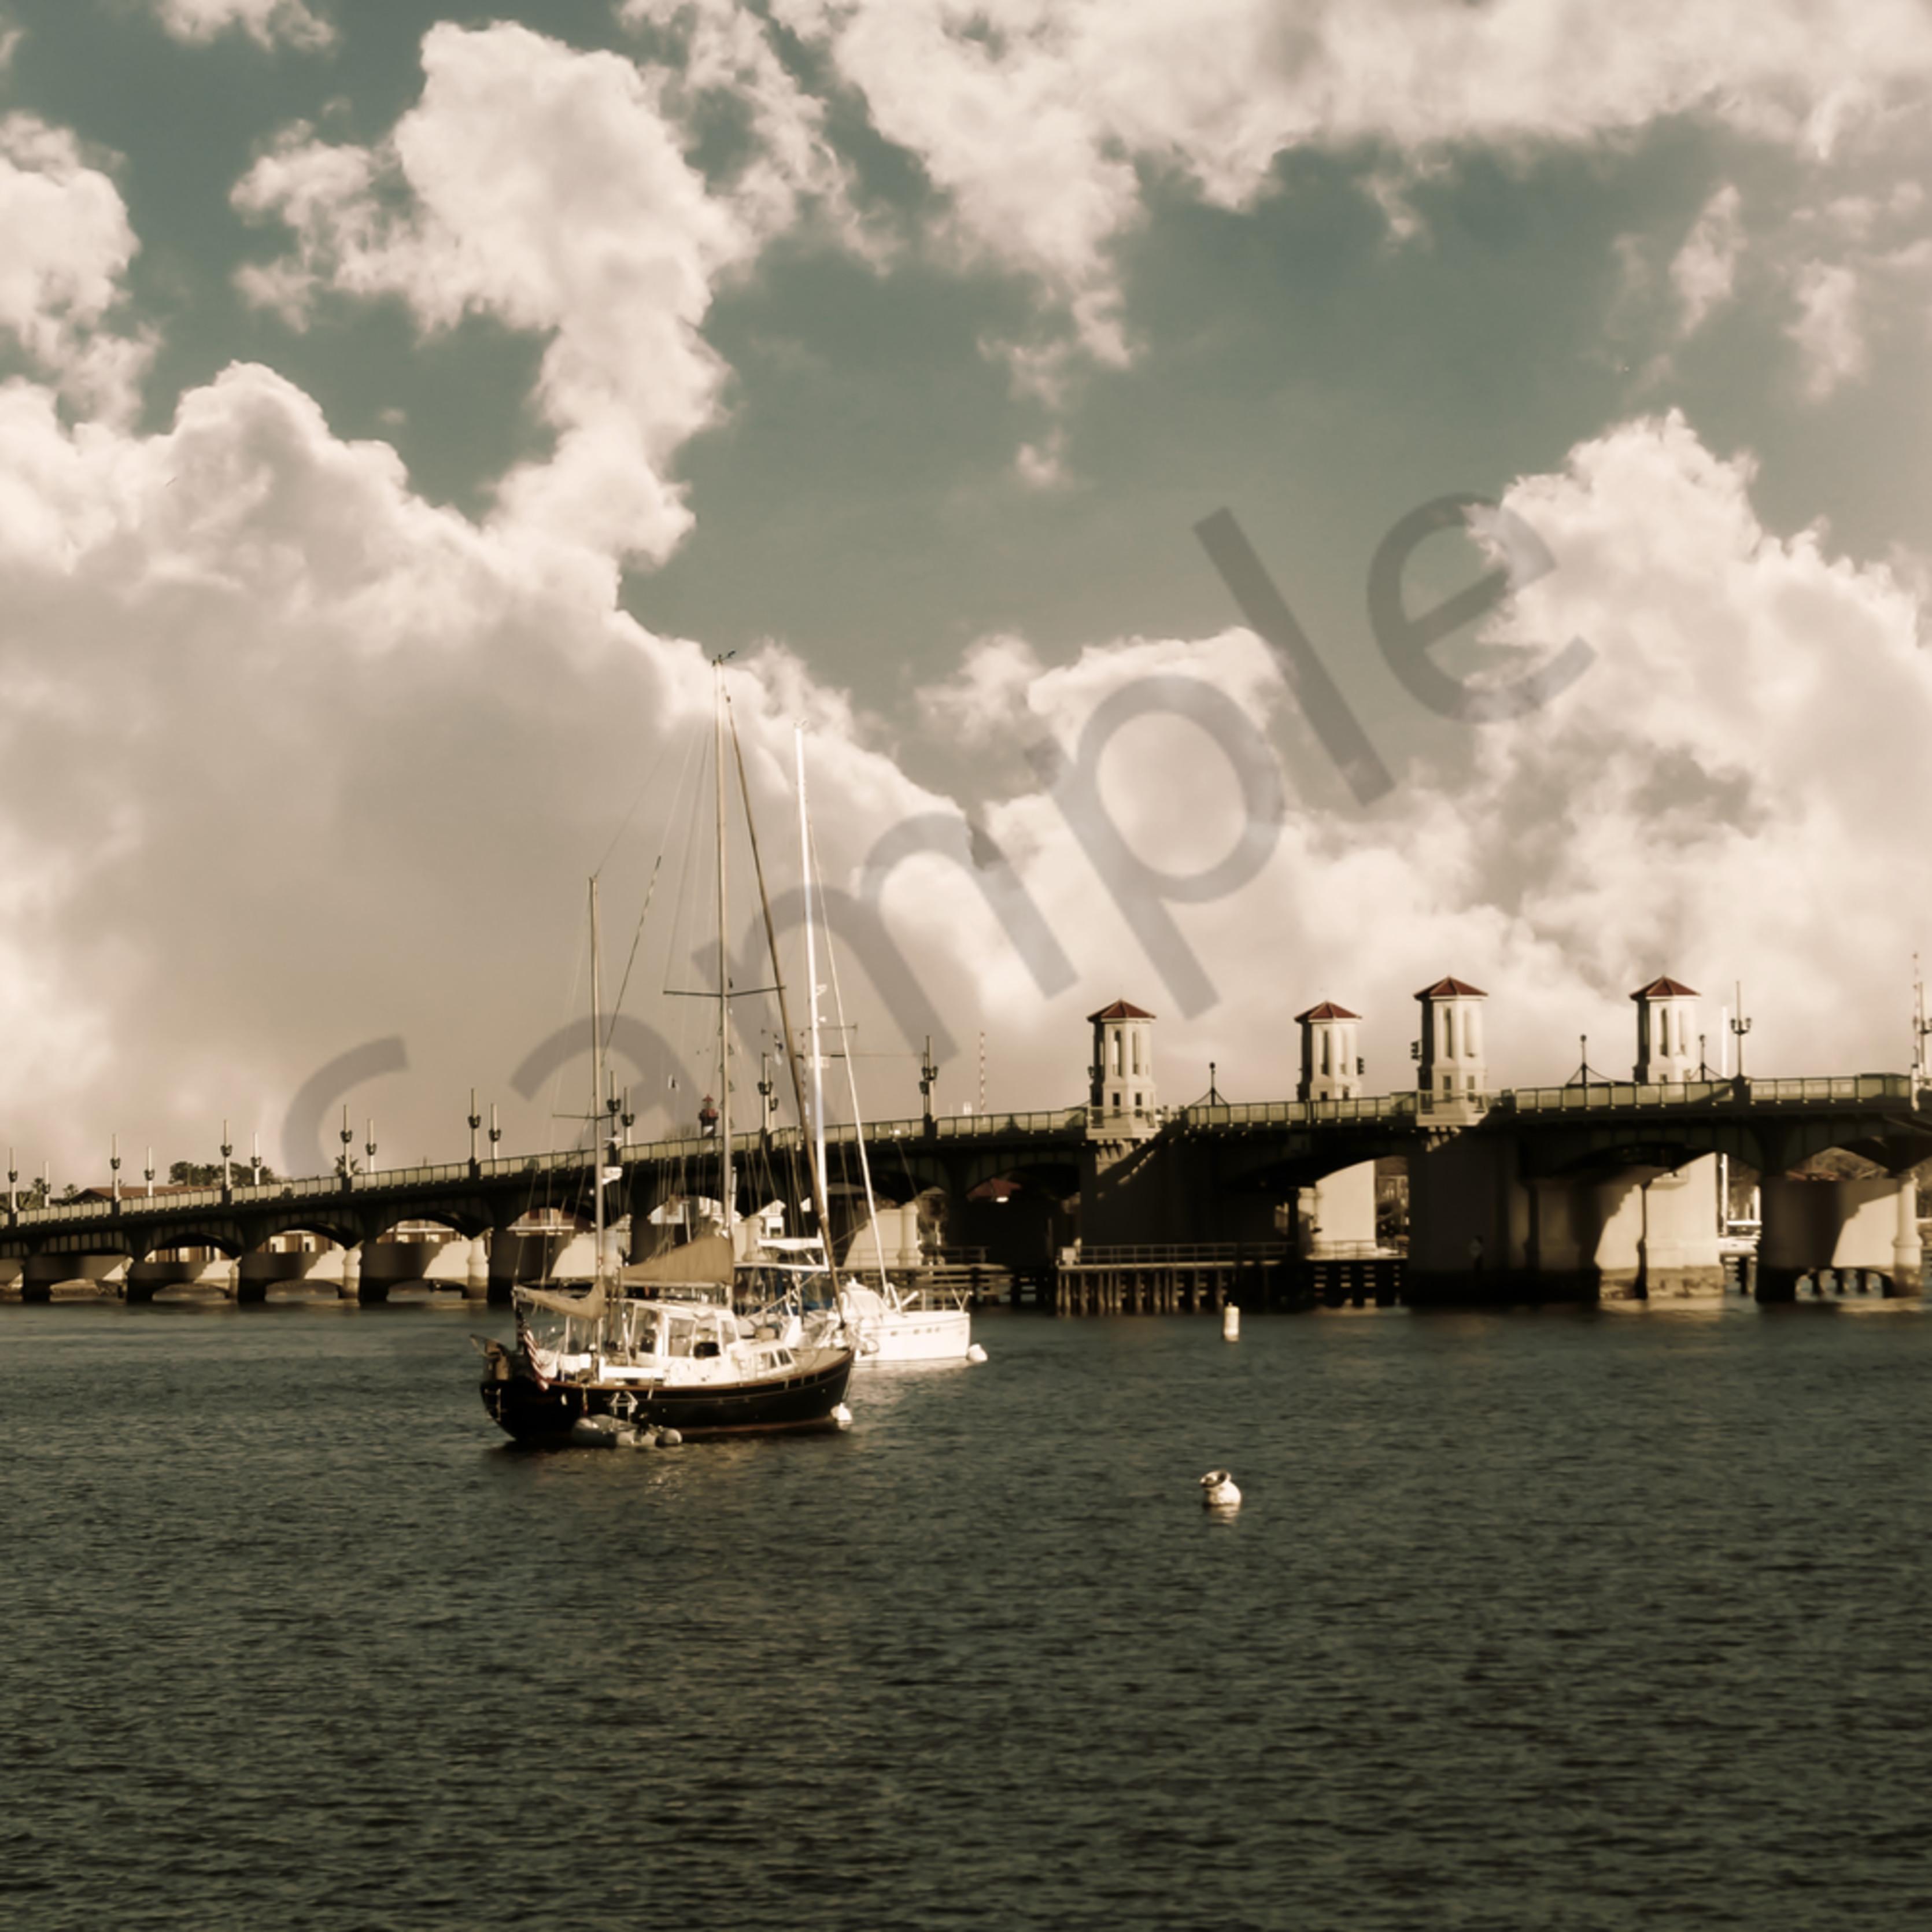 Sailing in st.augustine iim90p